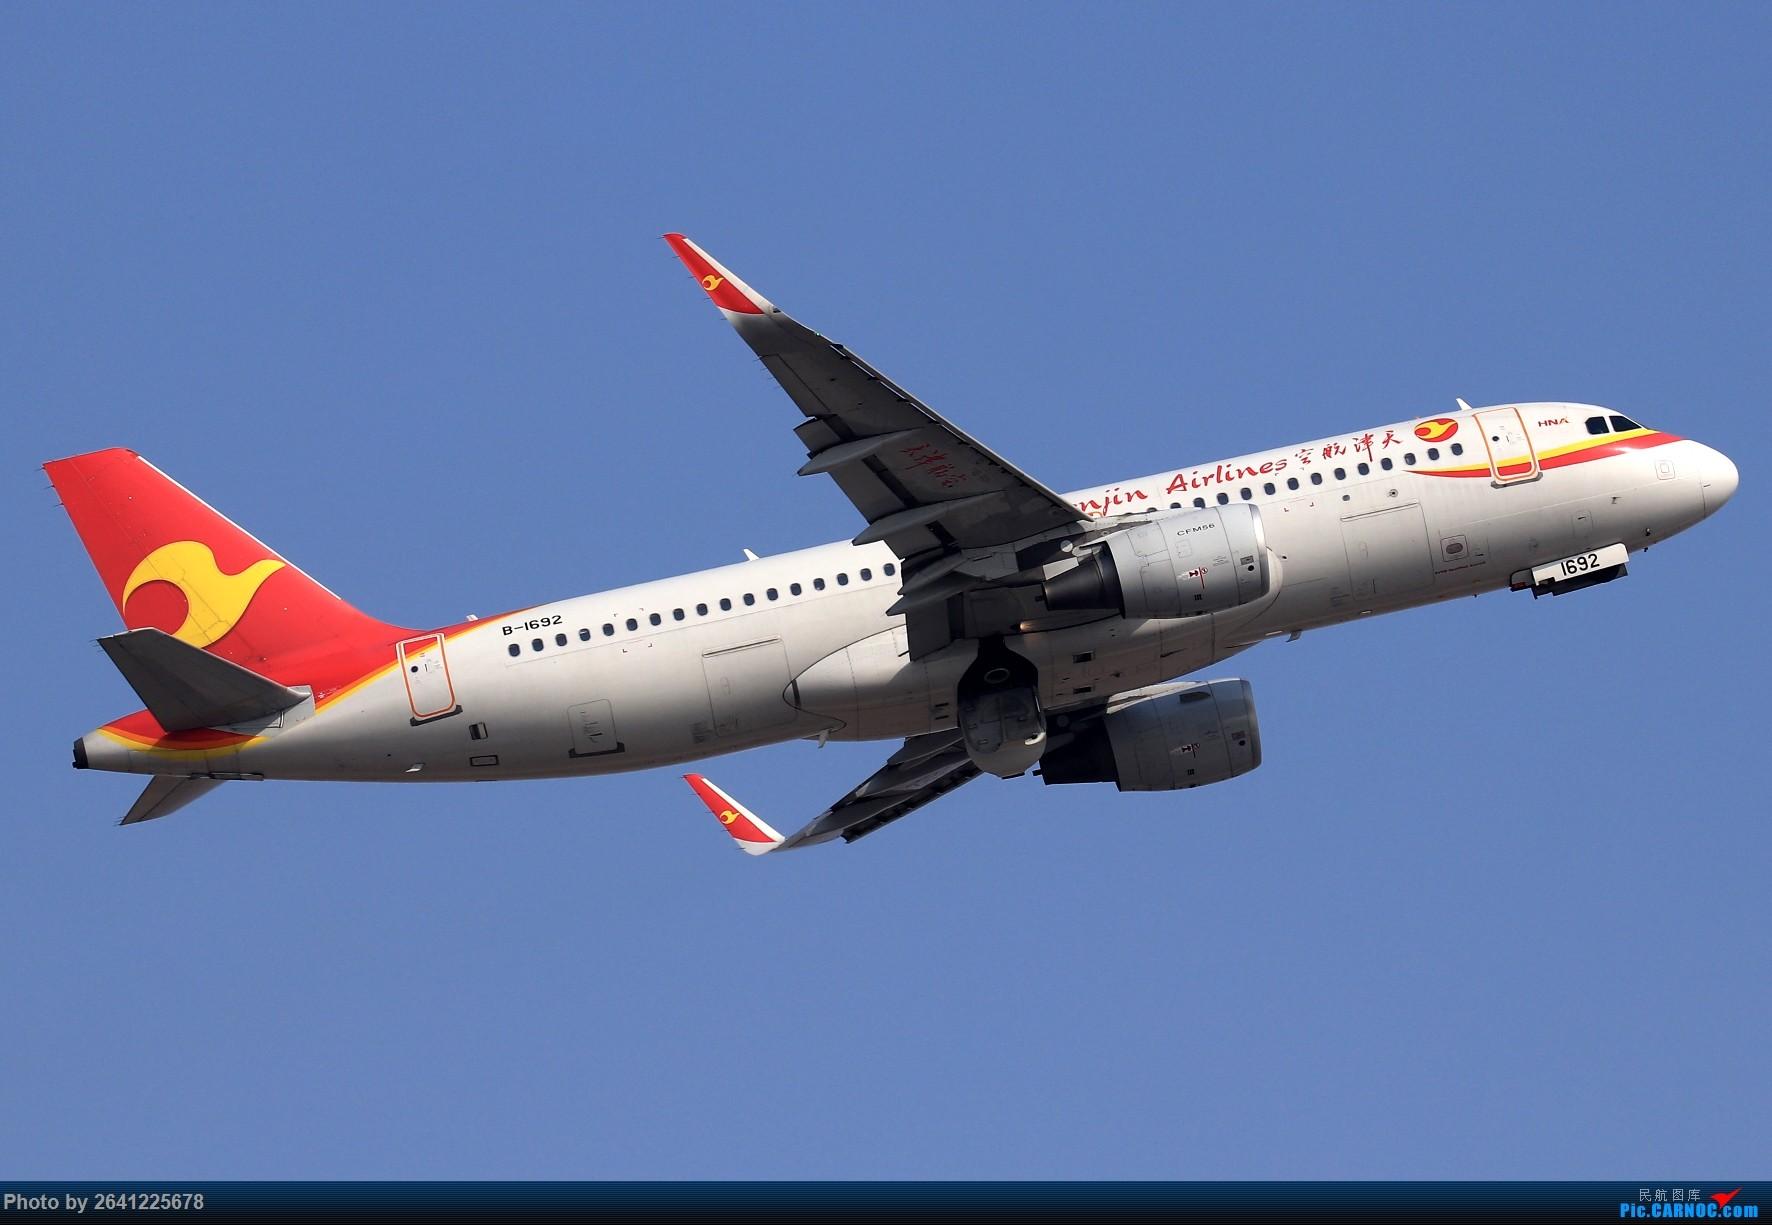 Re:[原创]【TSN】天津滨海国际机场半日游 AIRBUS A320-200 B-1692 中国天津滨海国际机场